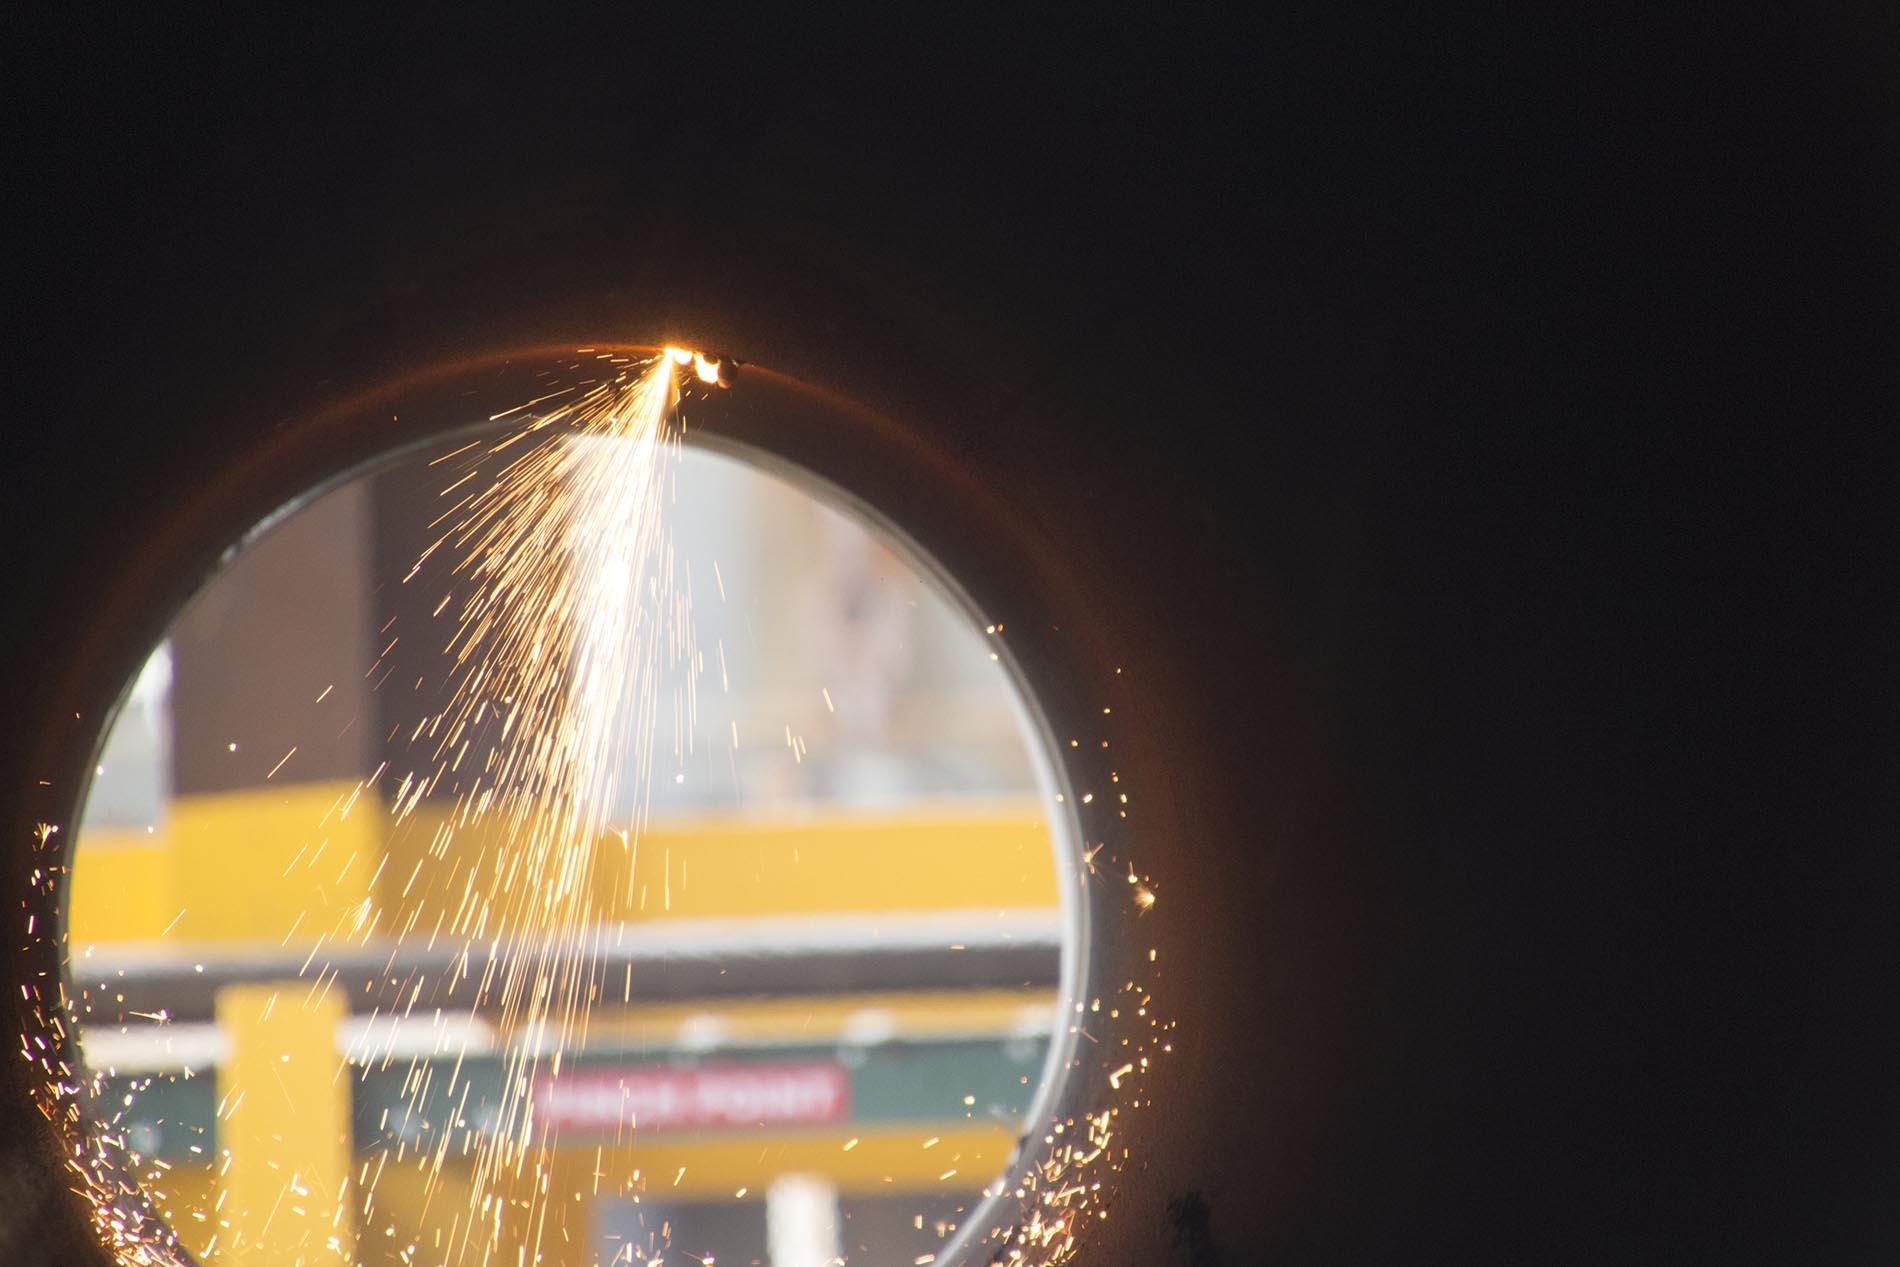 Welding from inside pipe